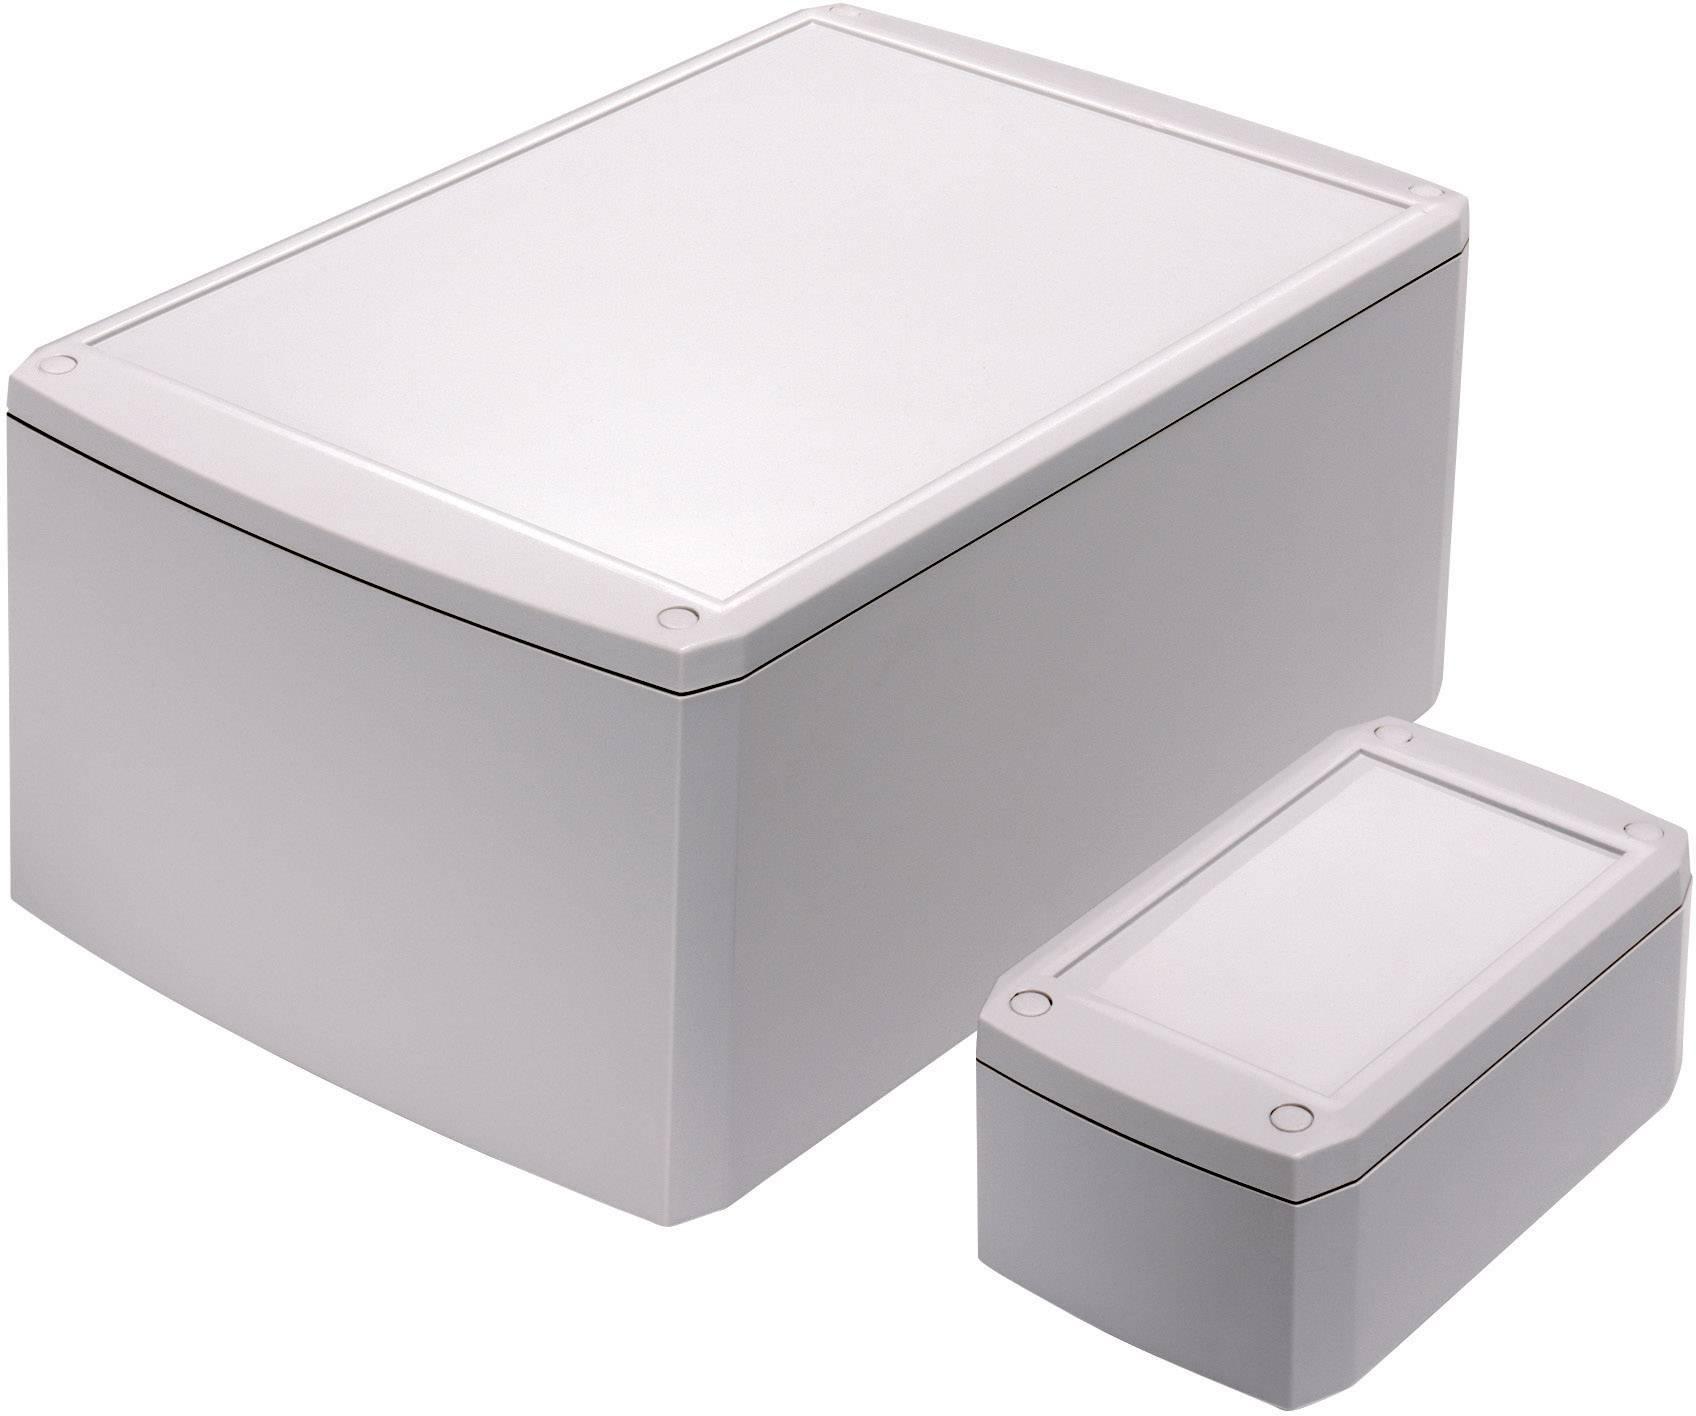 Univerzální pouzdro ABS Axxatronic, (d x š x v) 125 x 75 x 50 mm, šedá